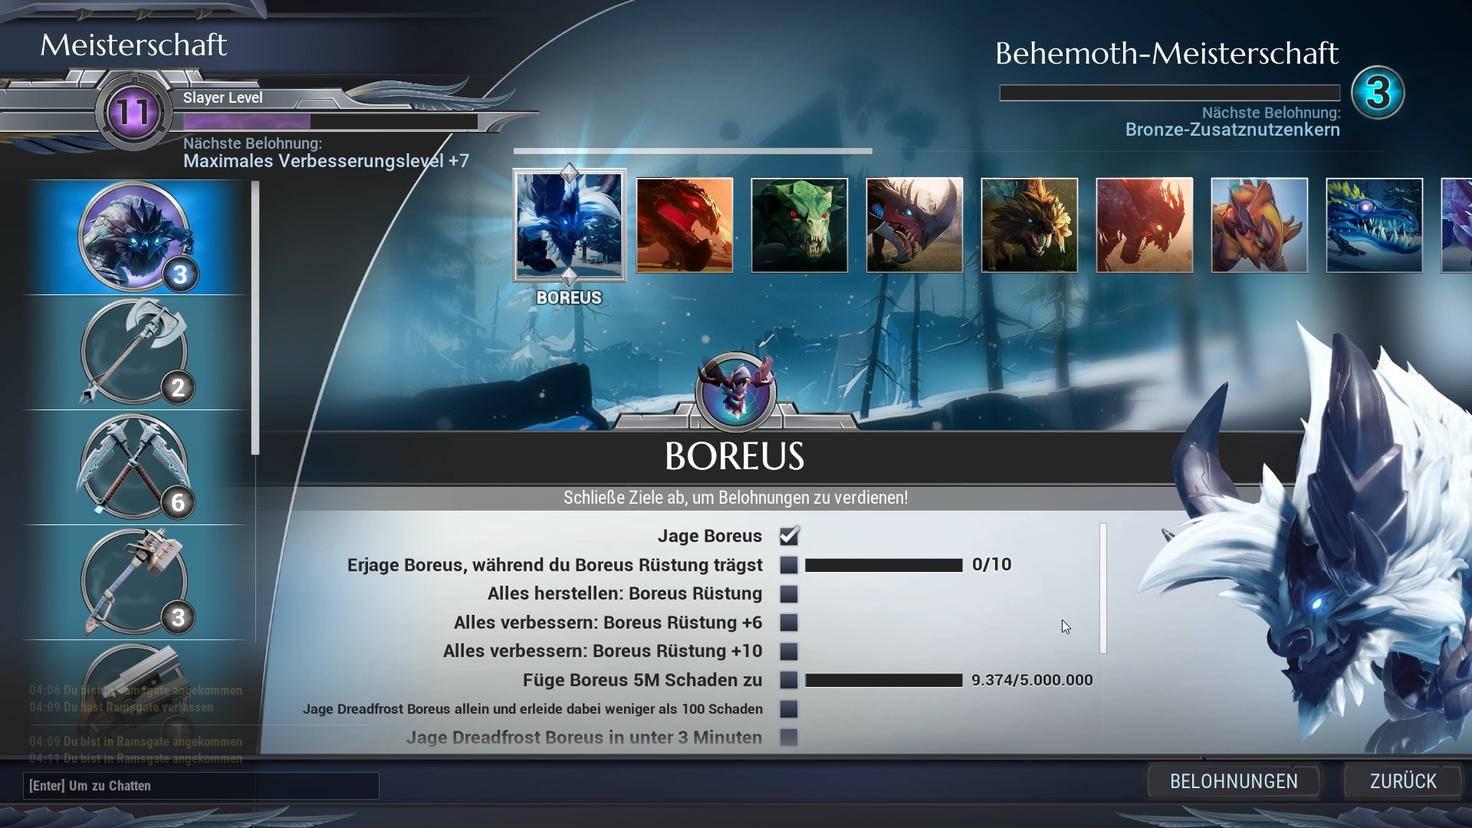 Monster und Waffen haben eigene Meisterschafts-Balken, dazu gibt es ein Spieler-Level.